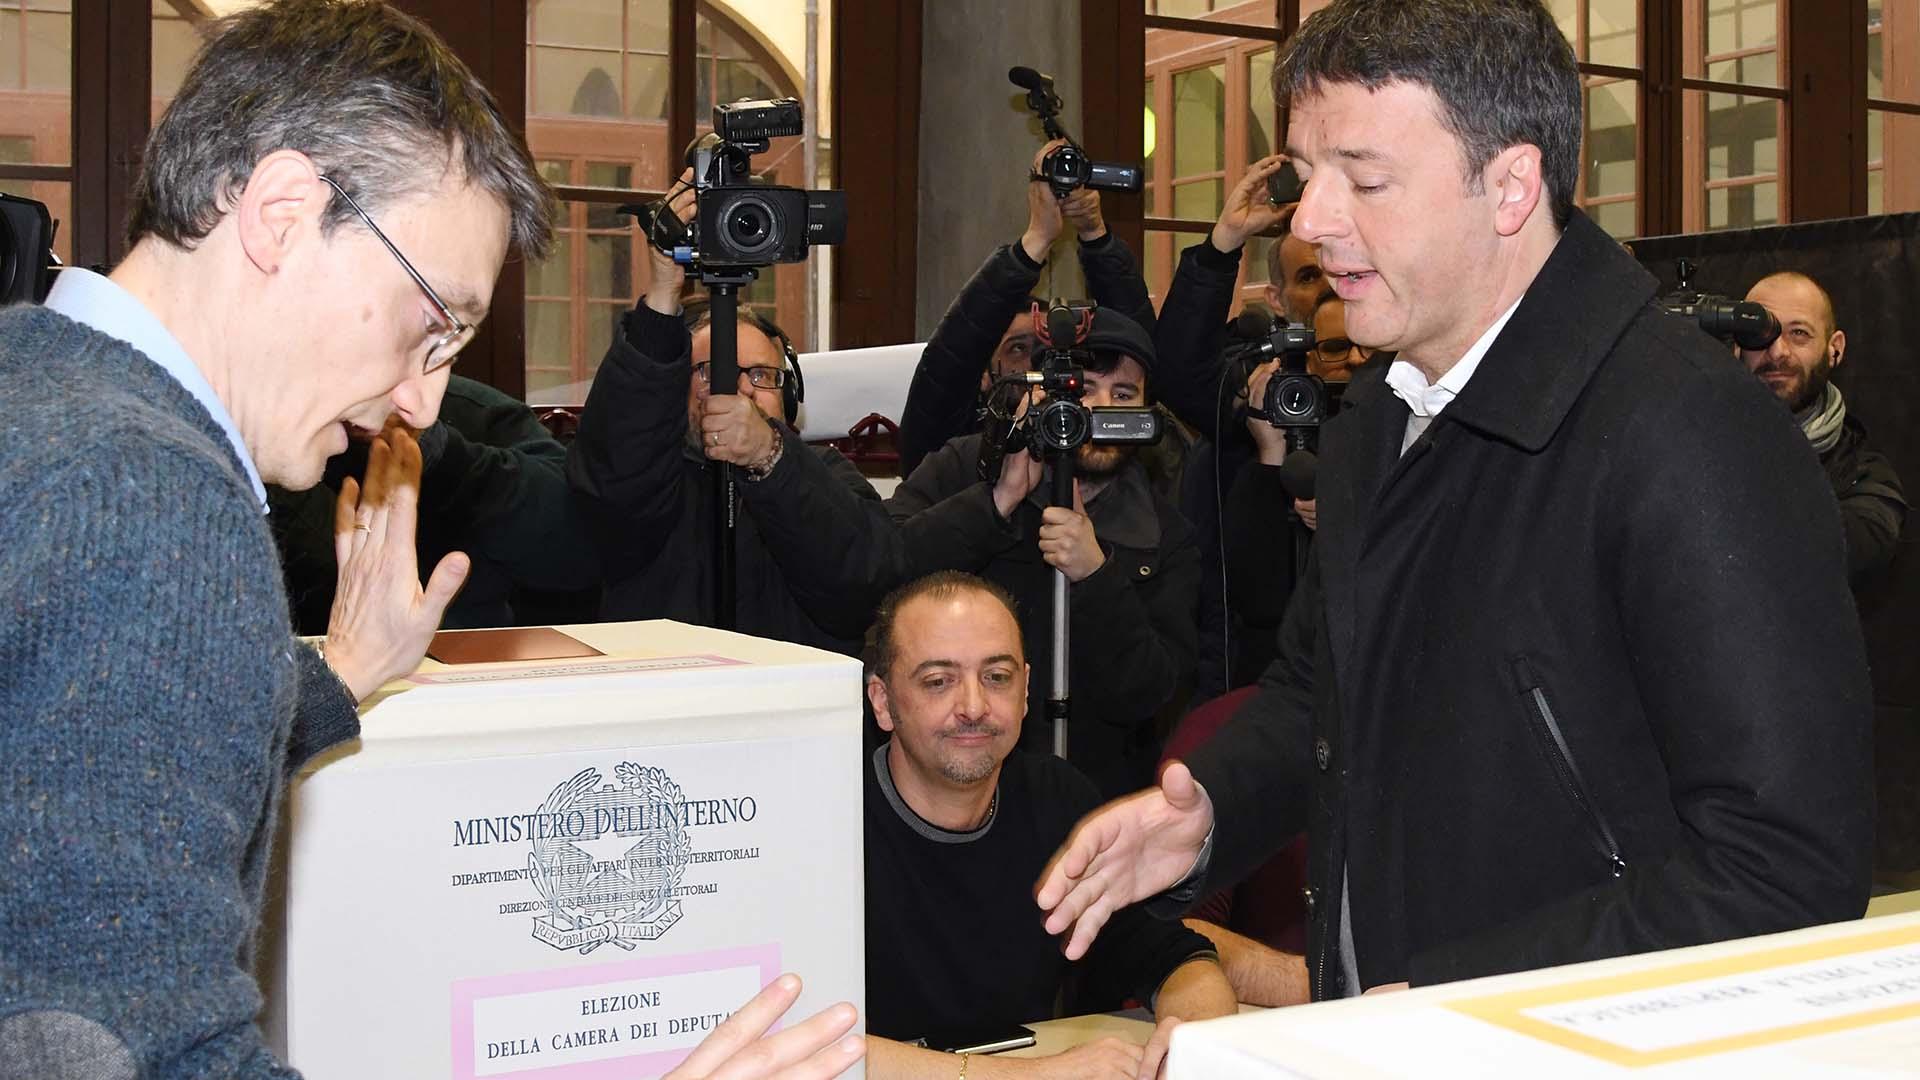 La dura derrota electoral puso en dudas el liderazgo de Renzi y parece haber sellado su carrera política(AFP)